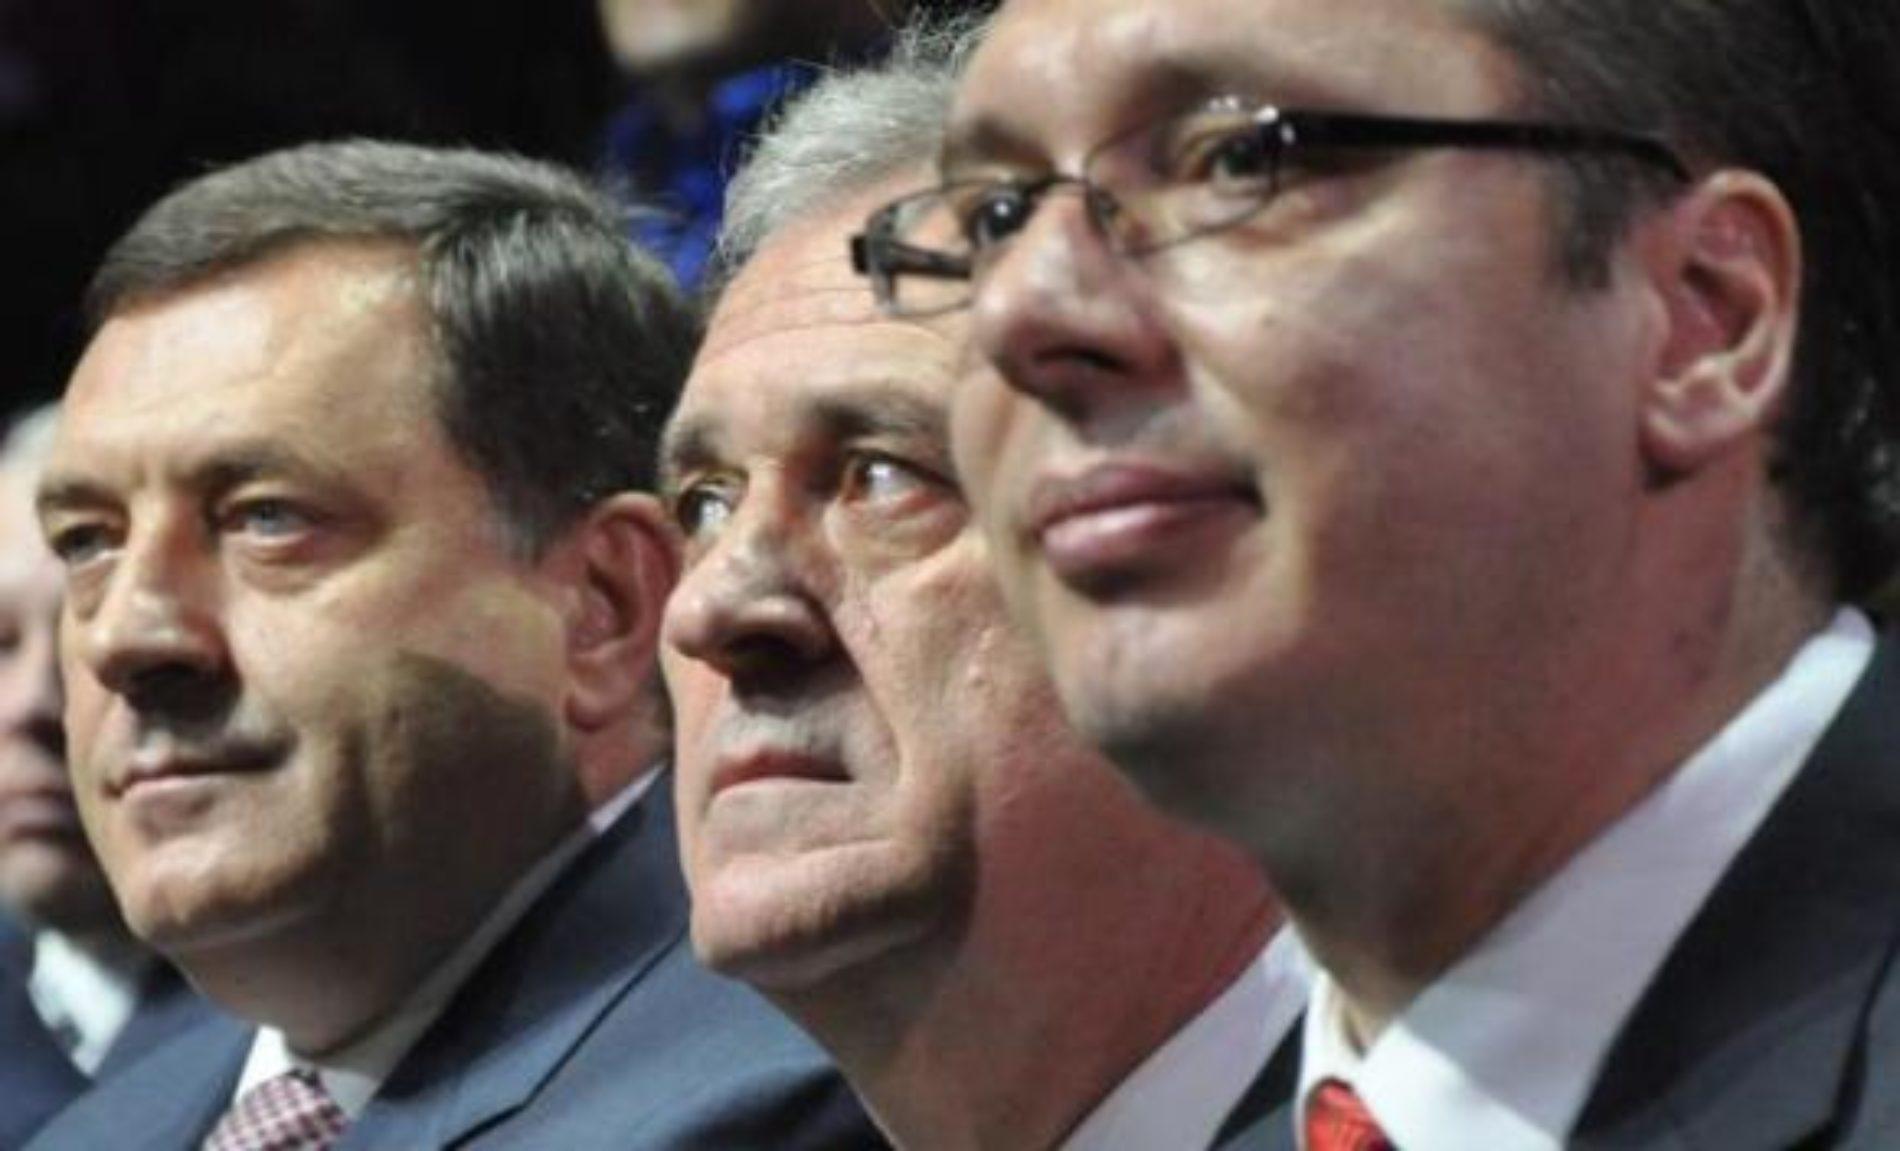 Srbijanski vrh prikuplja bezbjedonosne informacije o Bosni. Analitičari podsjećaju na kninsko-beogradsko inaćenje i sudbinu 'RSK'